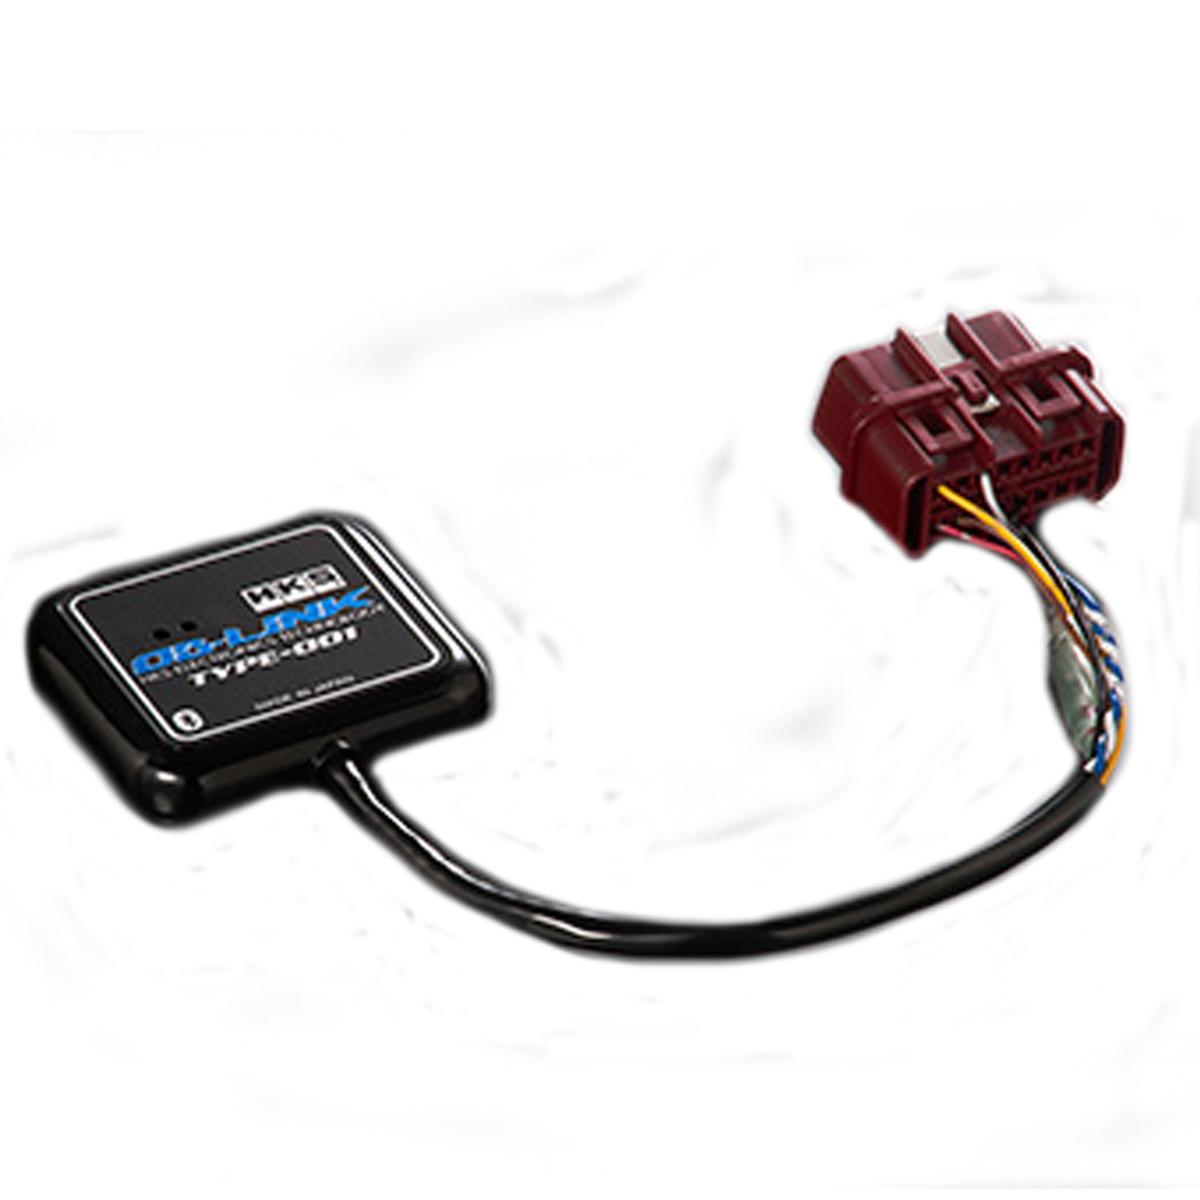 インスパイア モニター OBリンク タイプ 001 UC1 HKS 44009-AK002 エレクトリニクス 個人宅発送追金有